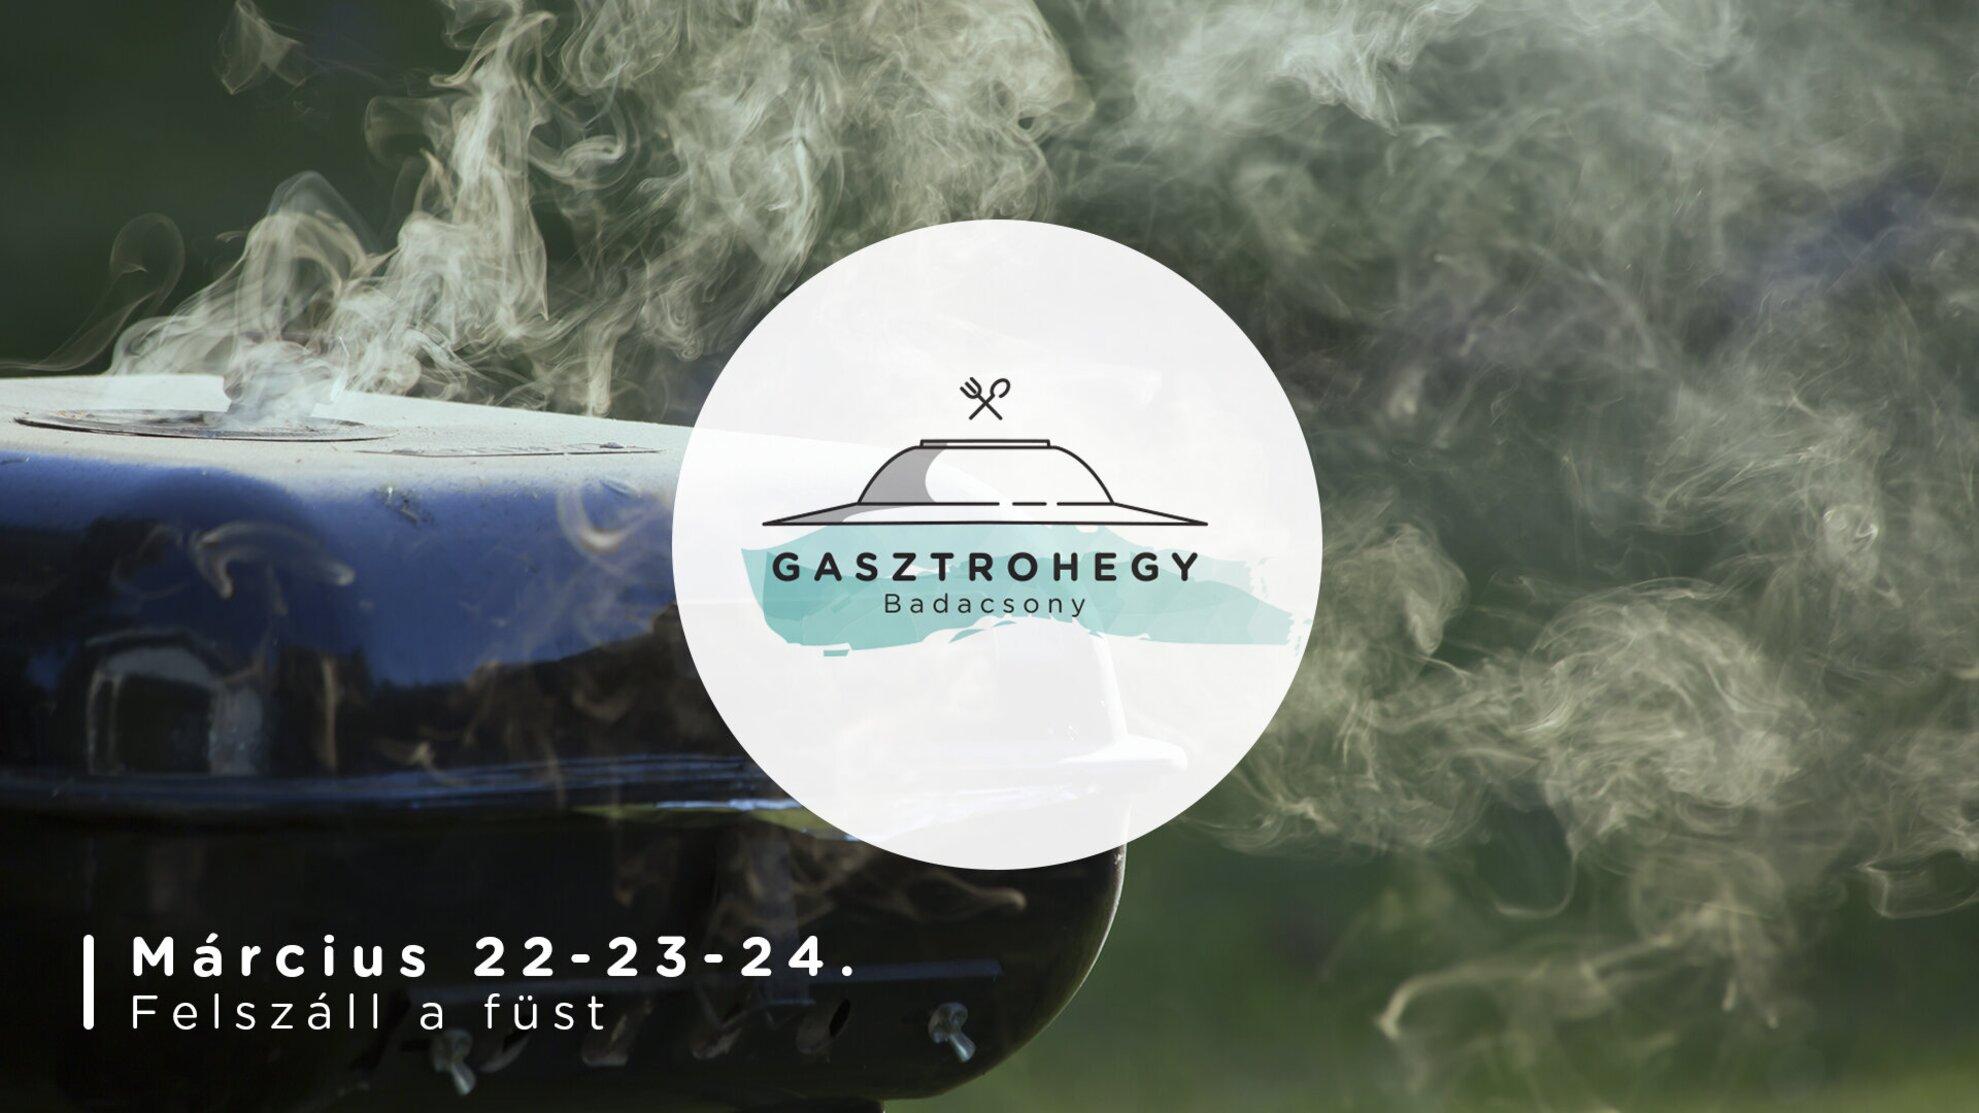 Felszáll a füst – Gasztrohegy